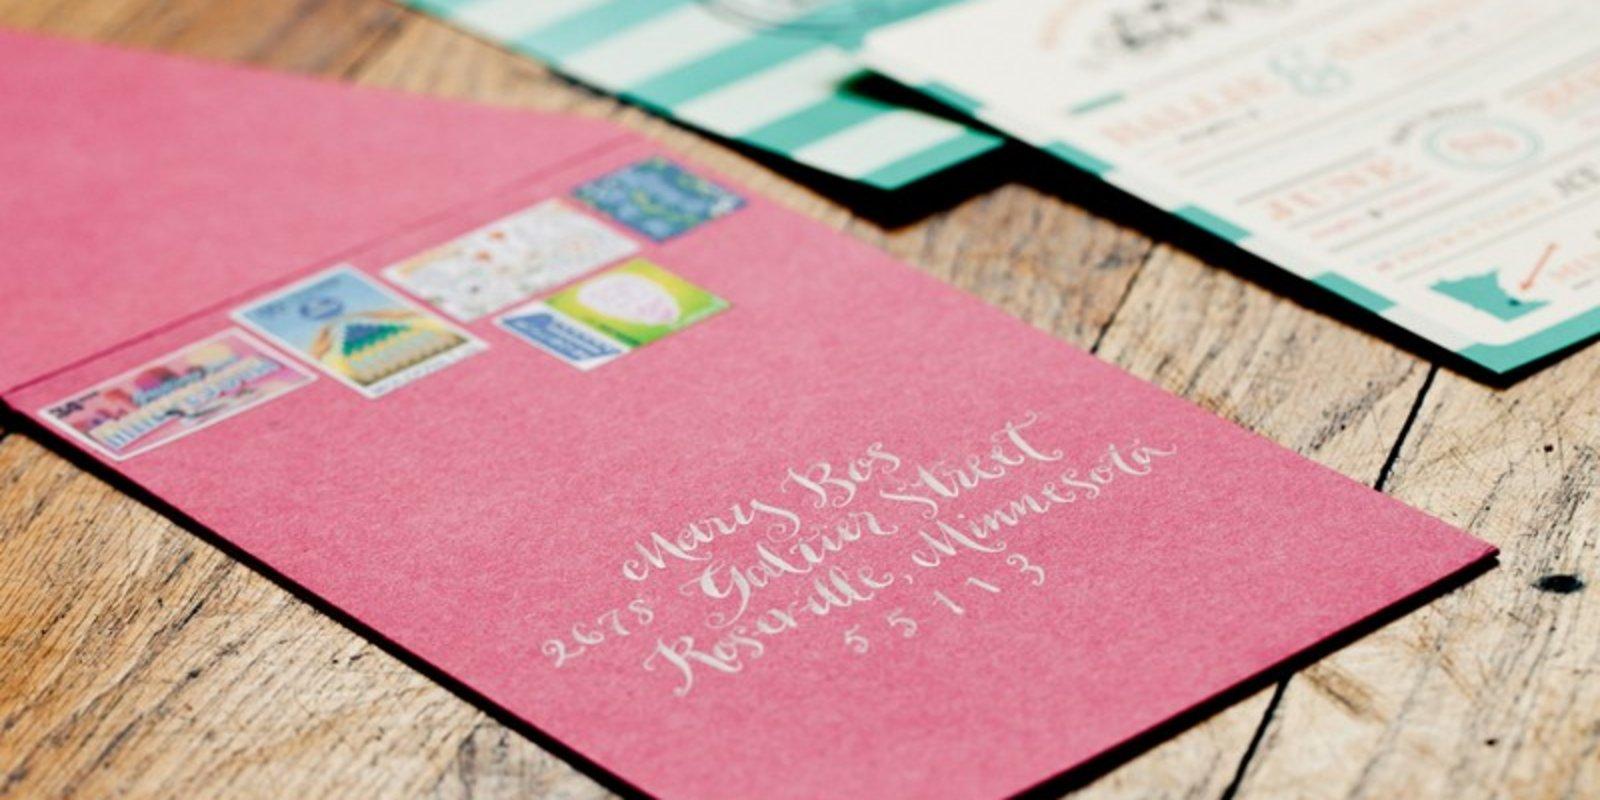 Wünsche Zur Hochzeit Karte.Hochzeitswünsche Wünsche Zur Hochzeit